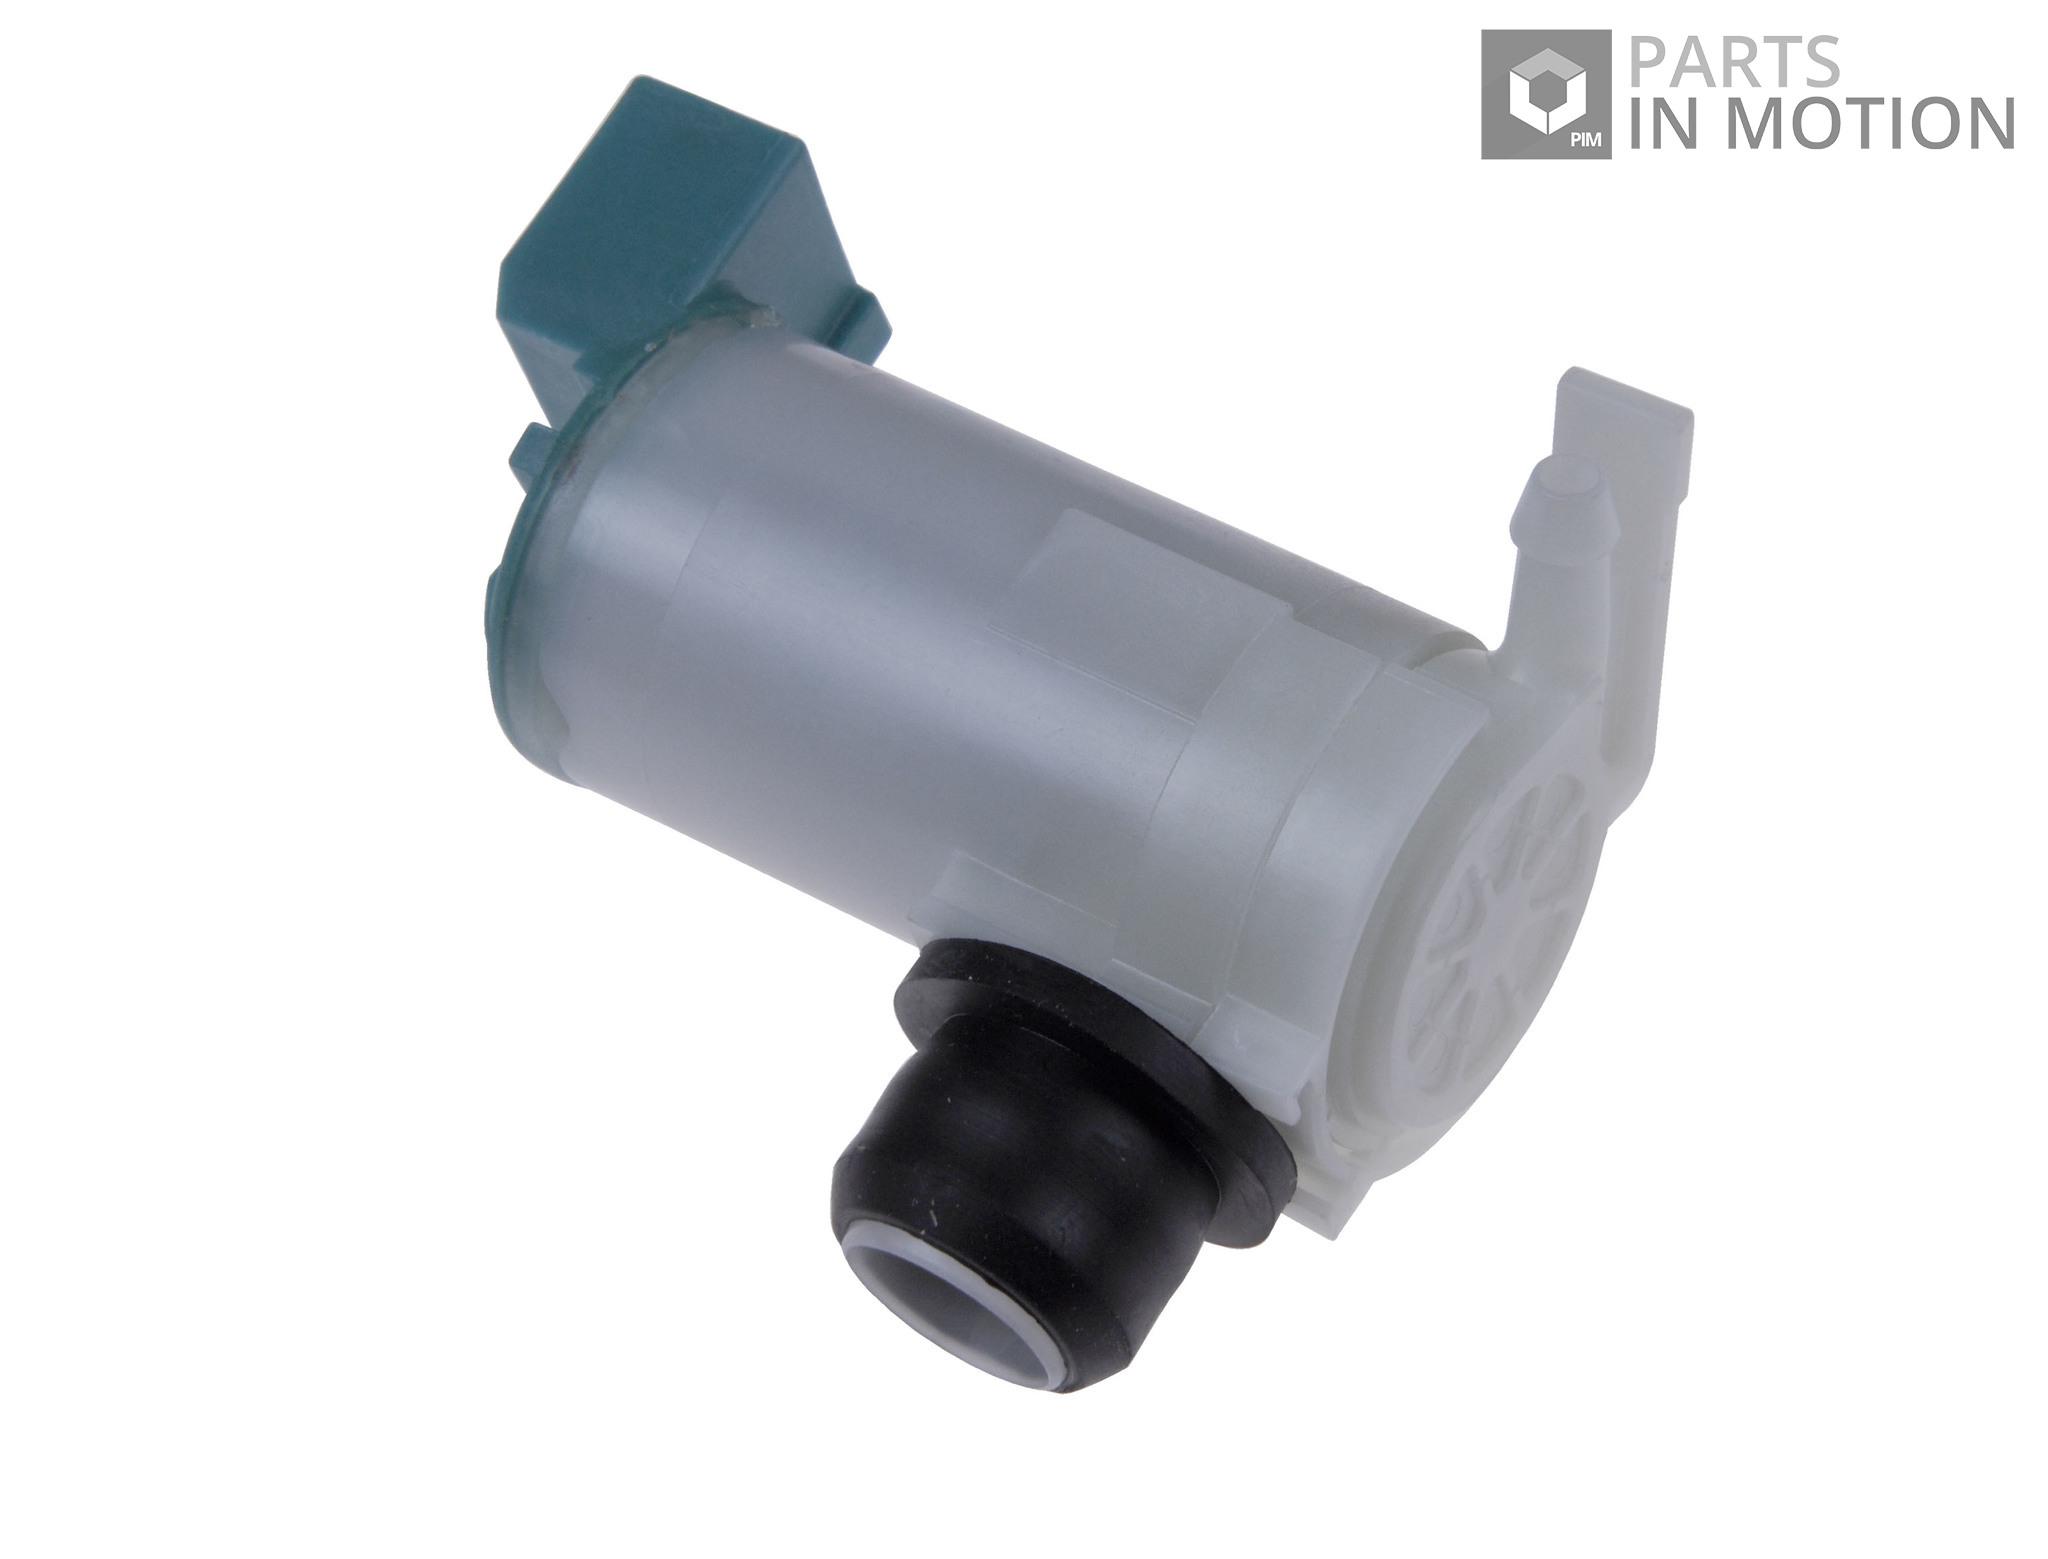 Laveuse pompe Fits Nissan X-Trail T30 Arrière 2.2D 01 To 13 ADL 2892050Y10 Qualité